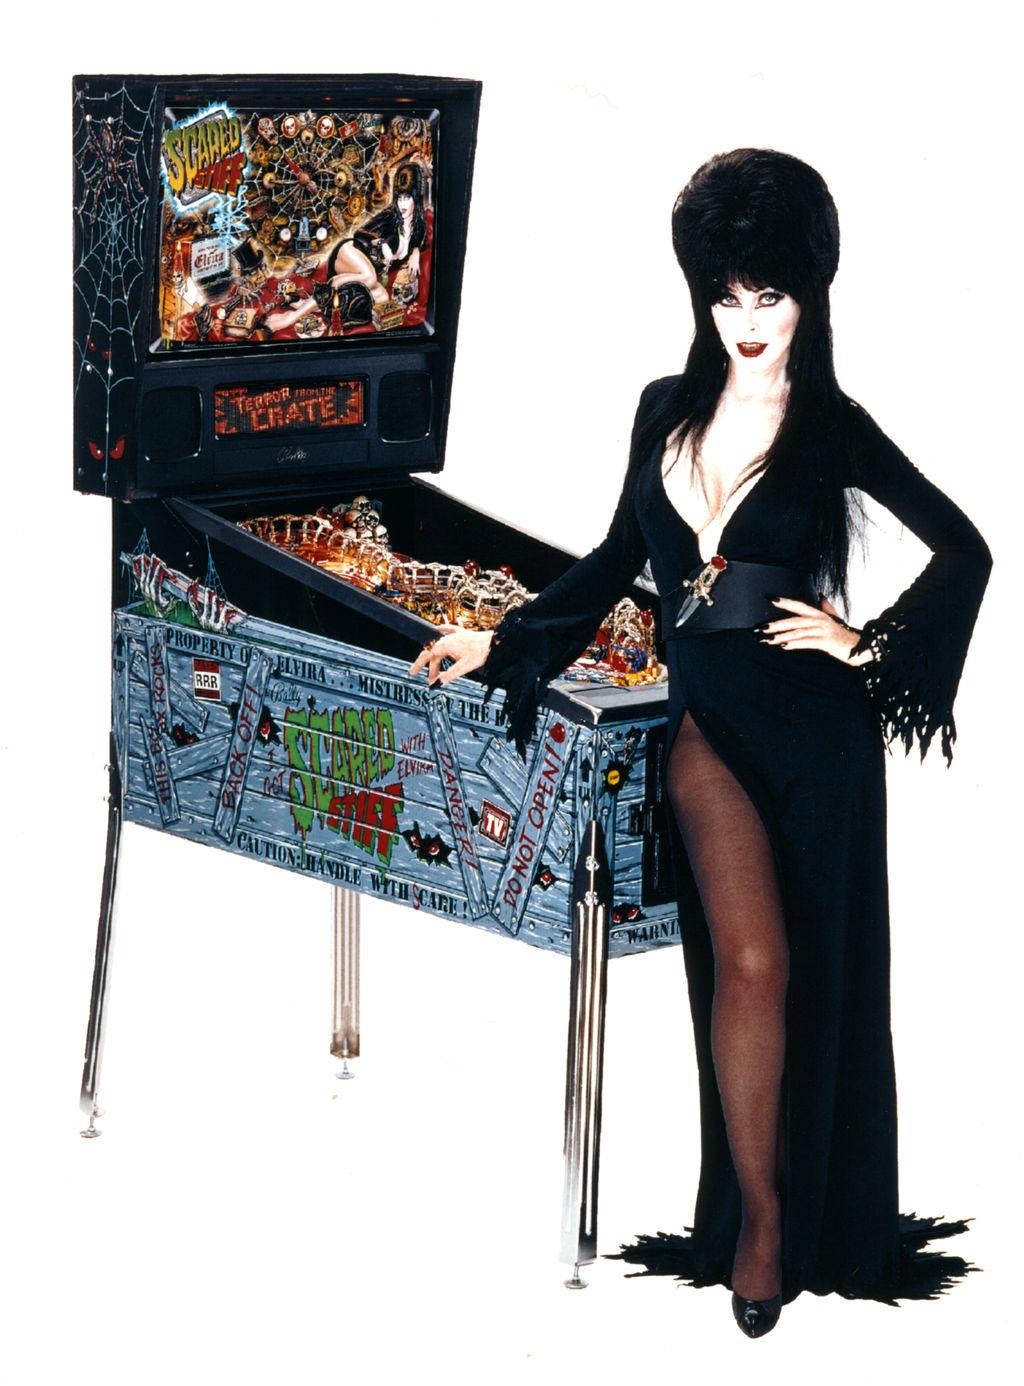 Horror Pinball Machines Horrorpedia